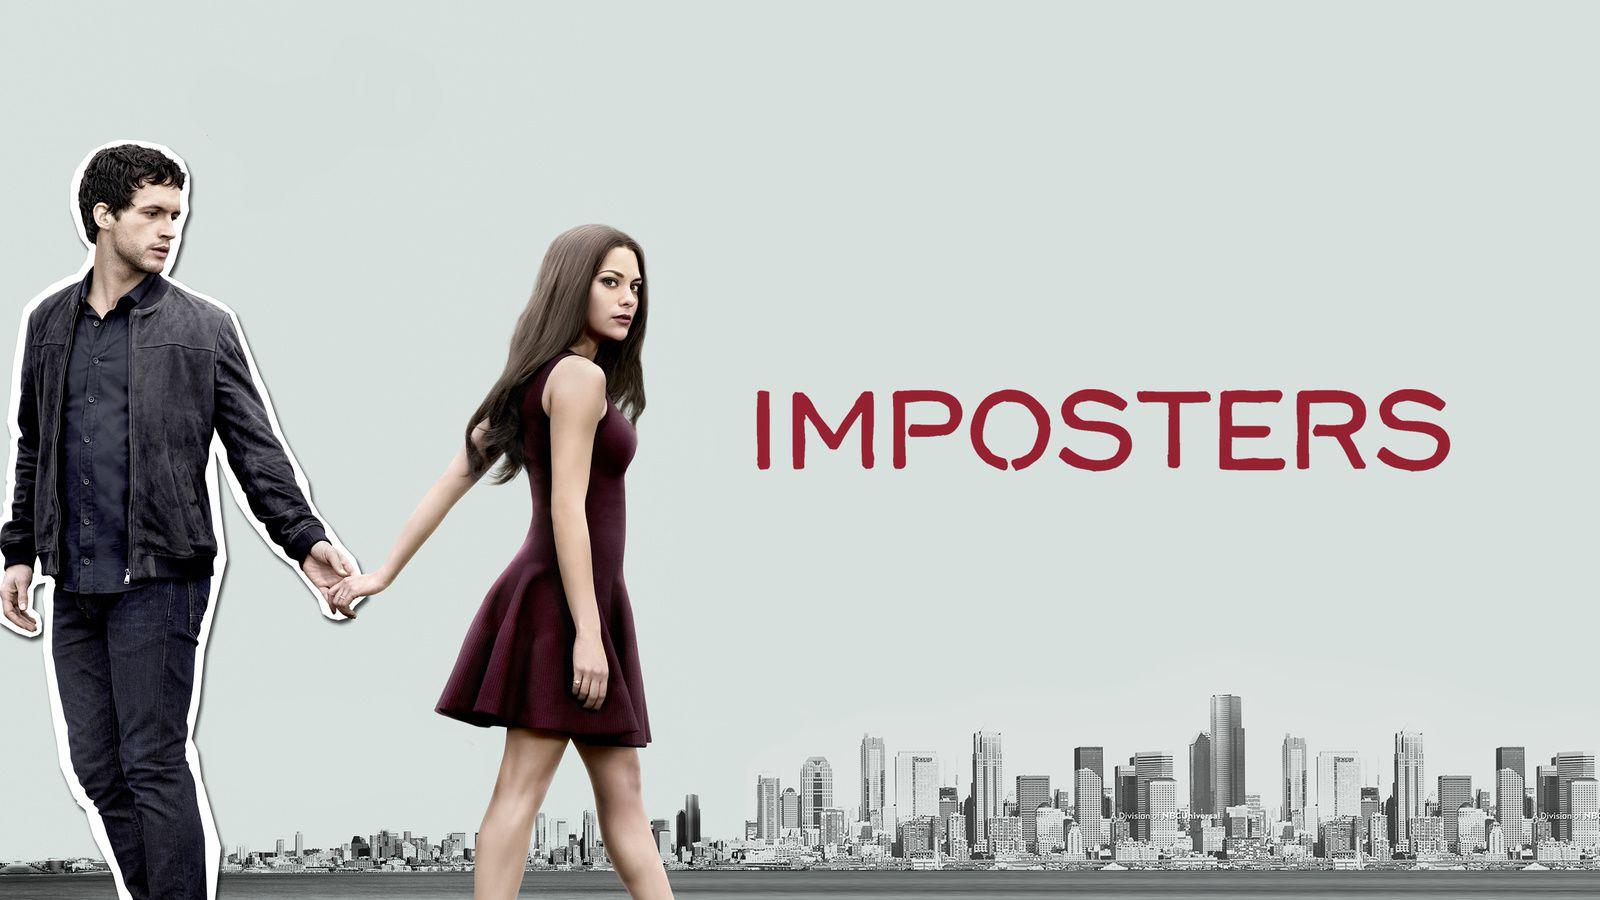 Sur Téva, saison 6 de Younger dès le 5 janvier et saison 1 d'Imposters dès le 8 janvier.